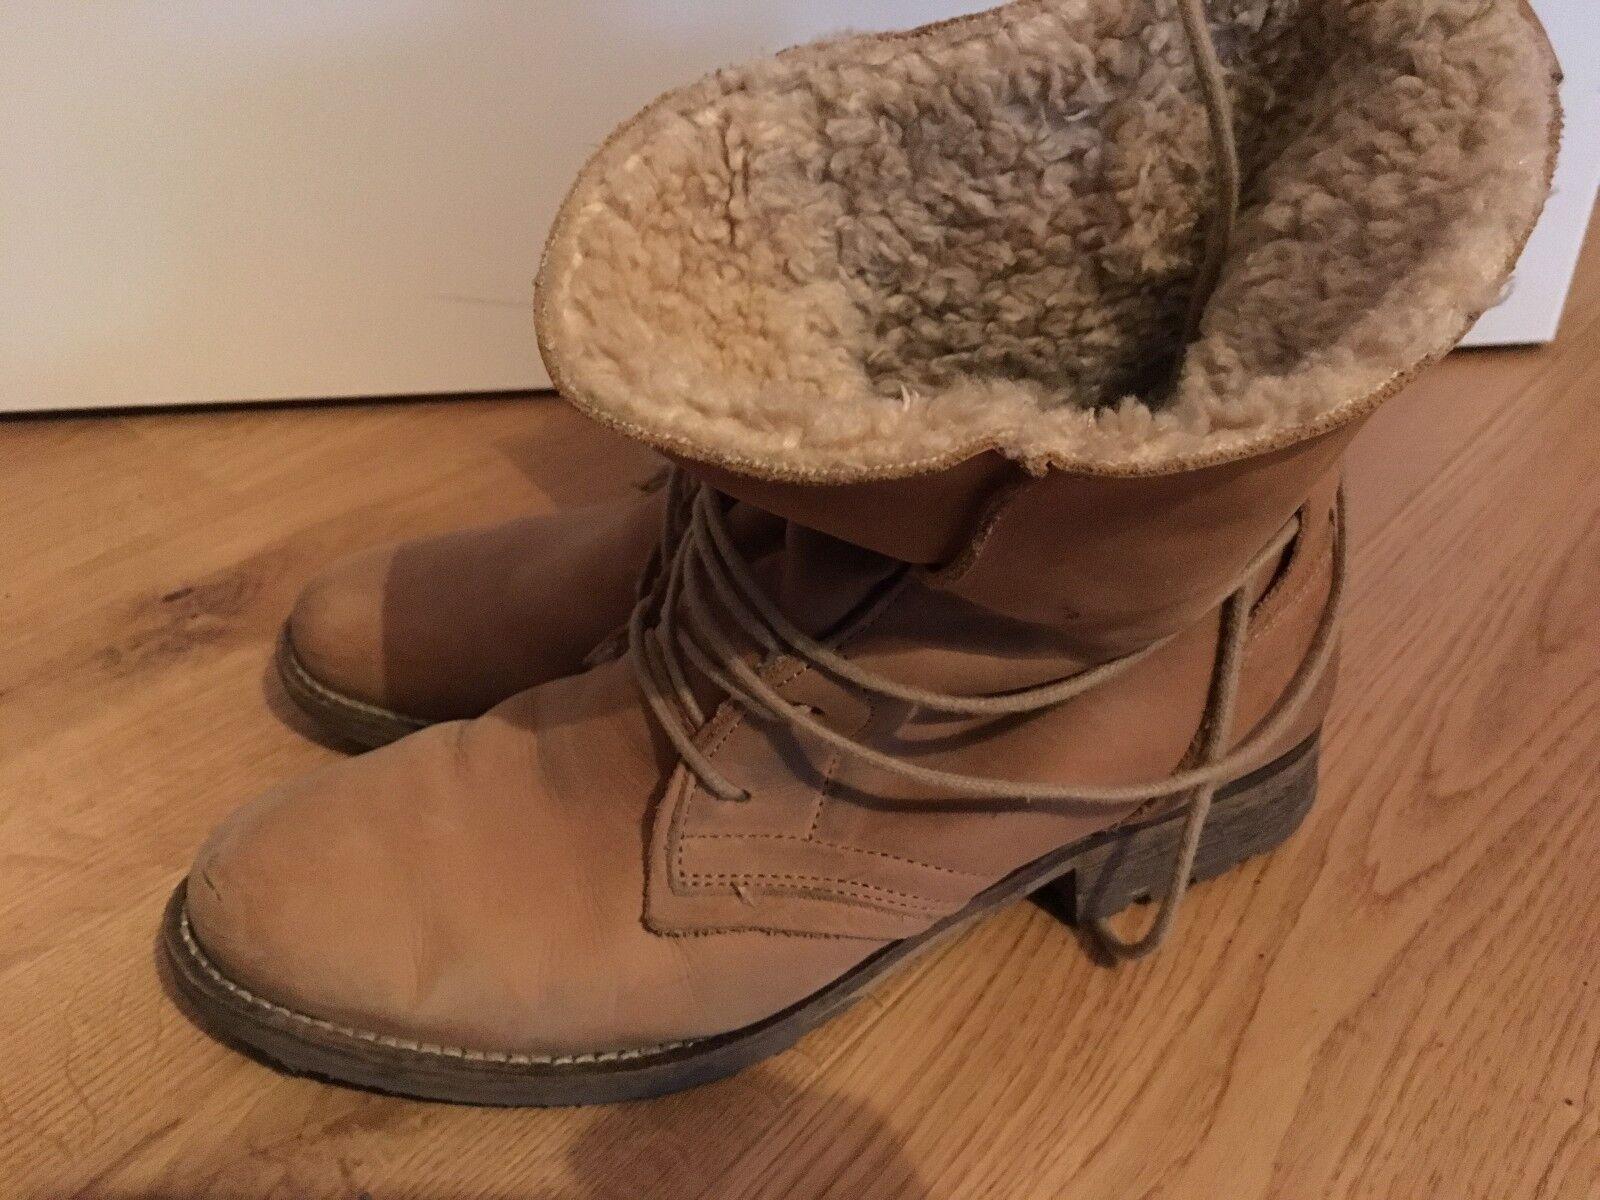 Damen WinterStiefel Boots Stiefel Schneestiefel Leder Hellbraun Gr.40